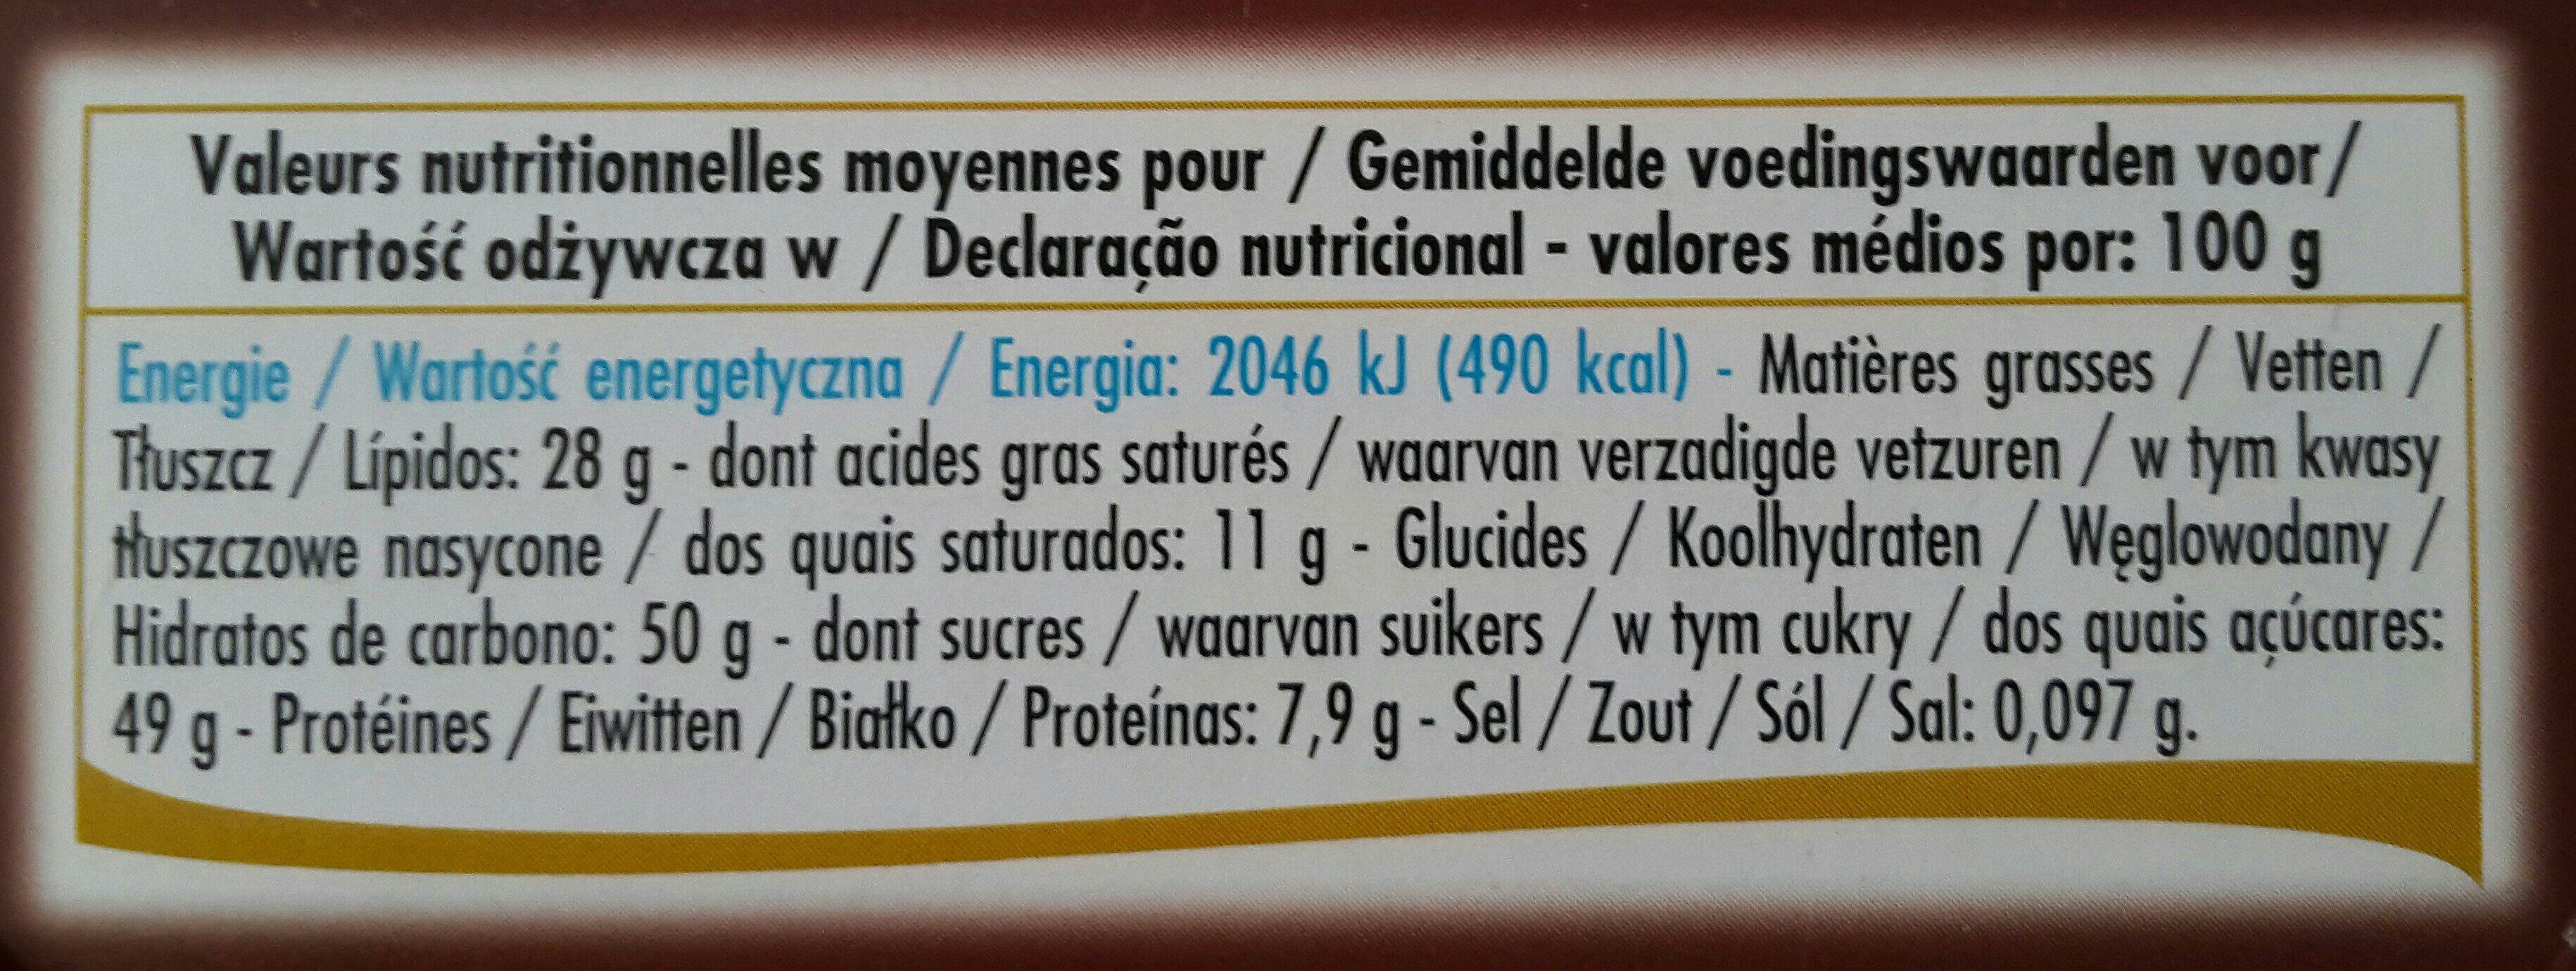 Ballotin nougatines - Ingredients